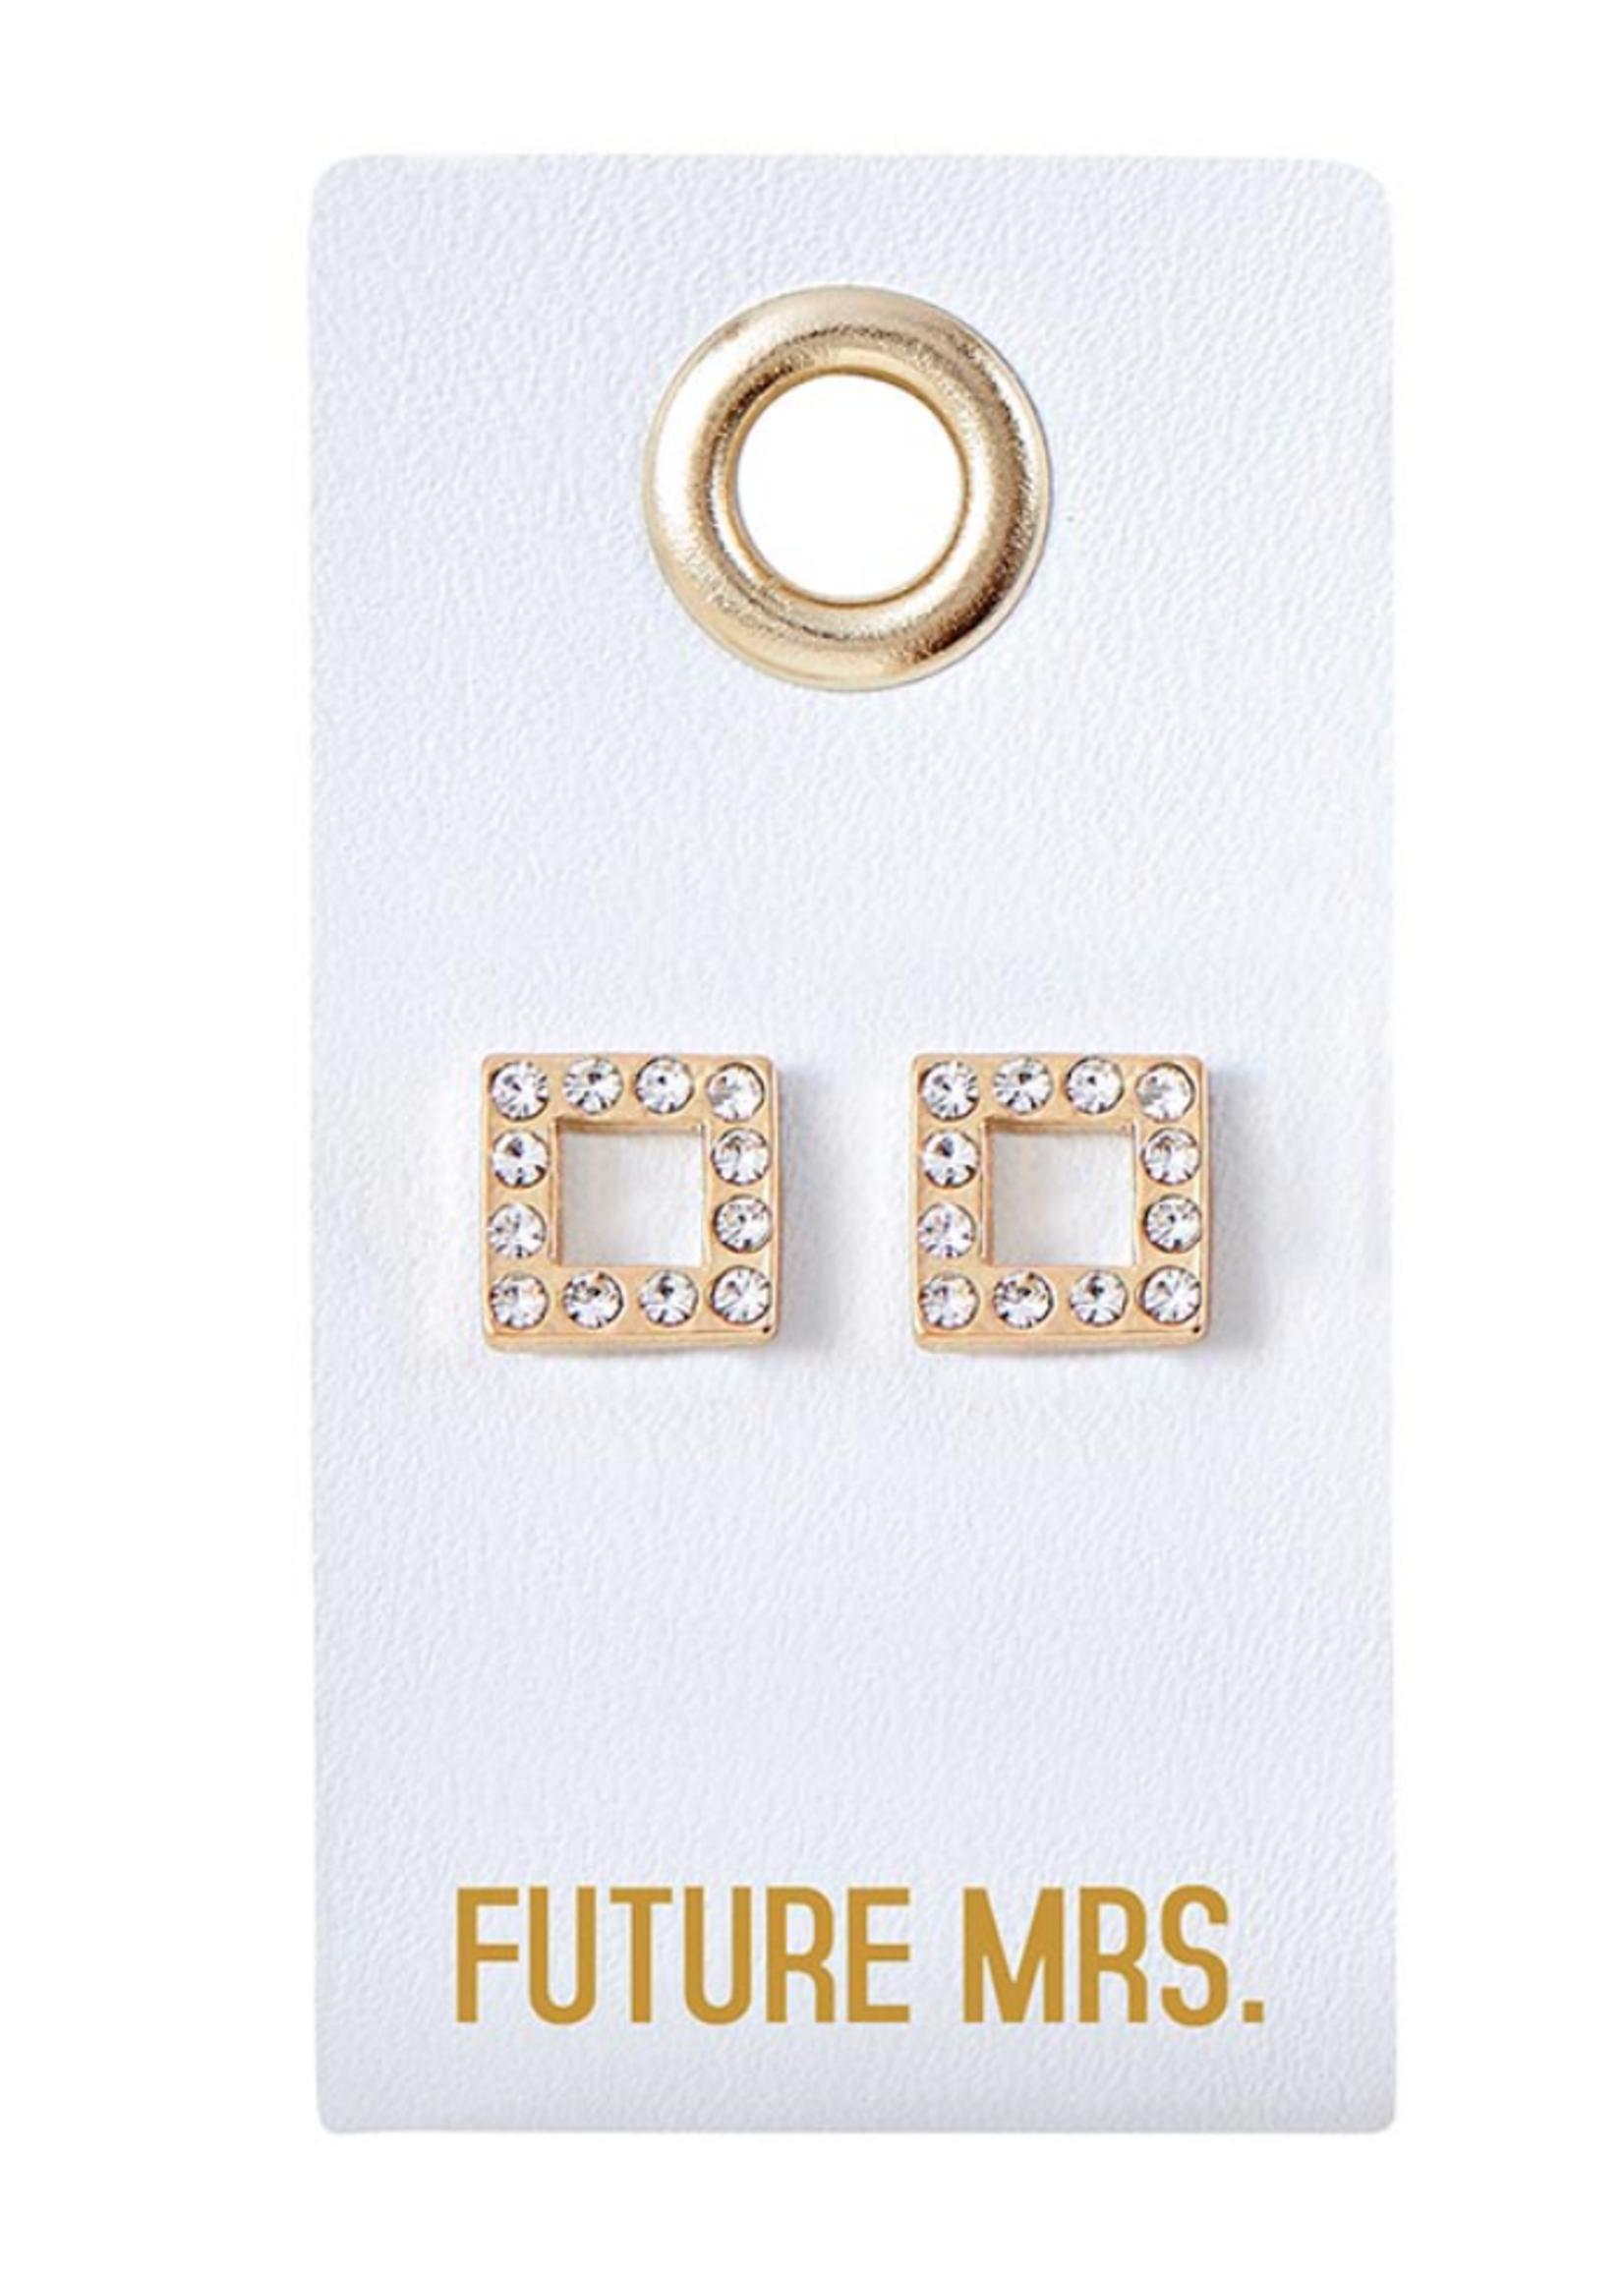 Future Mrs. Stud